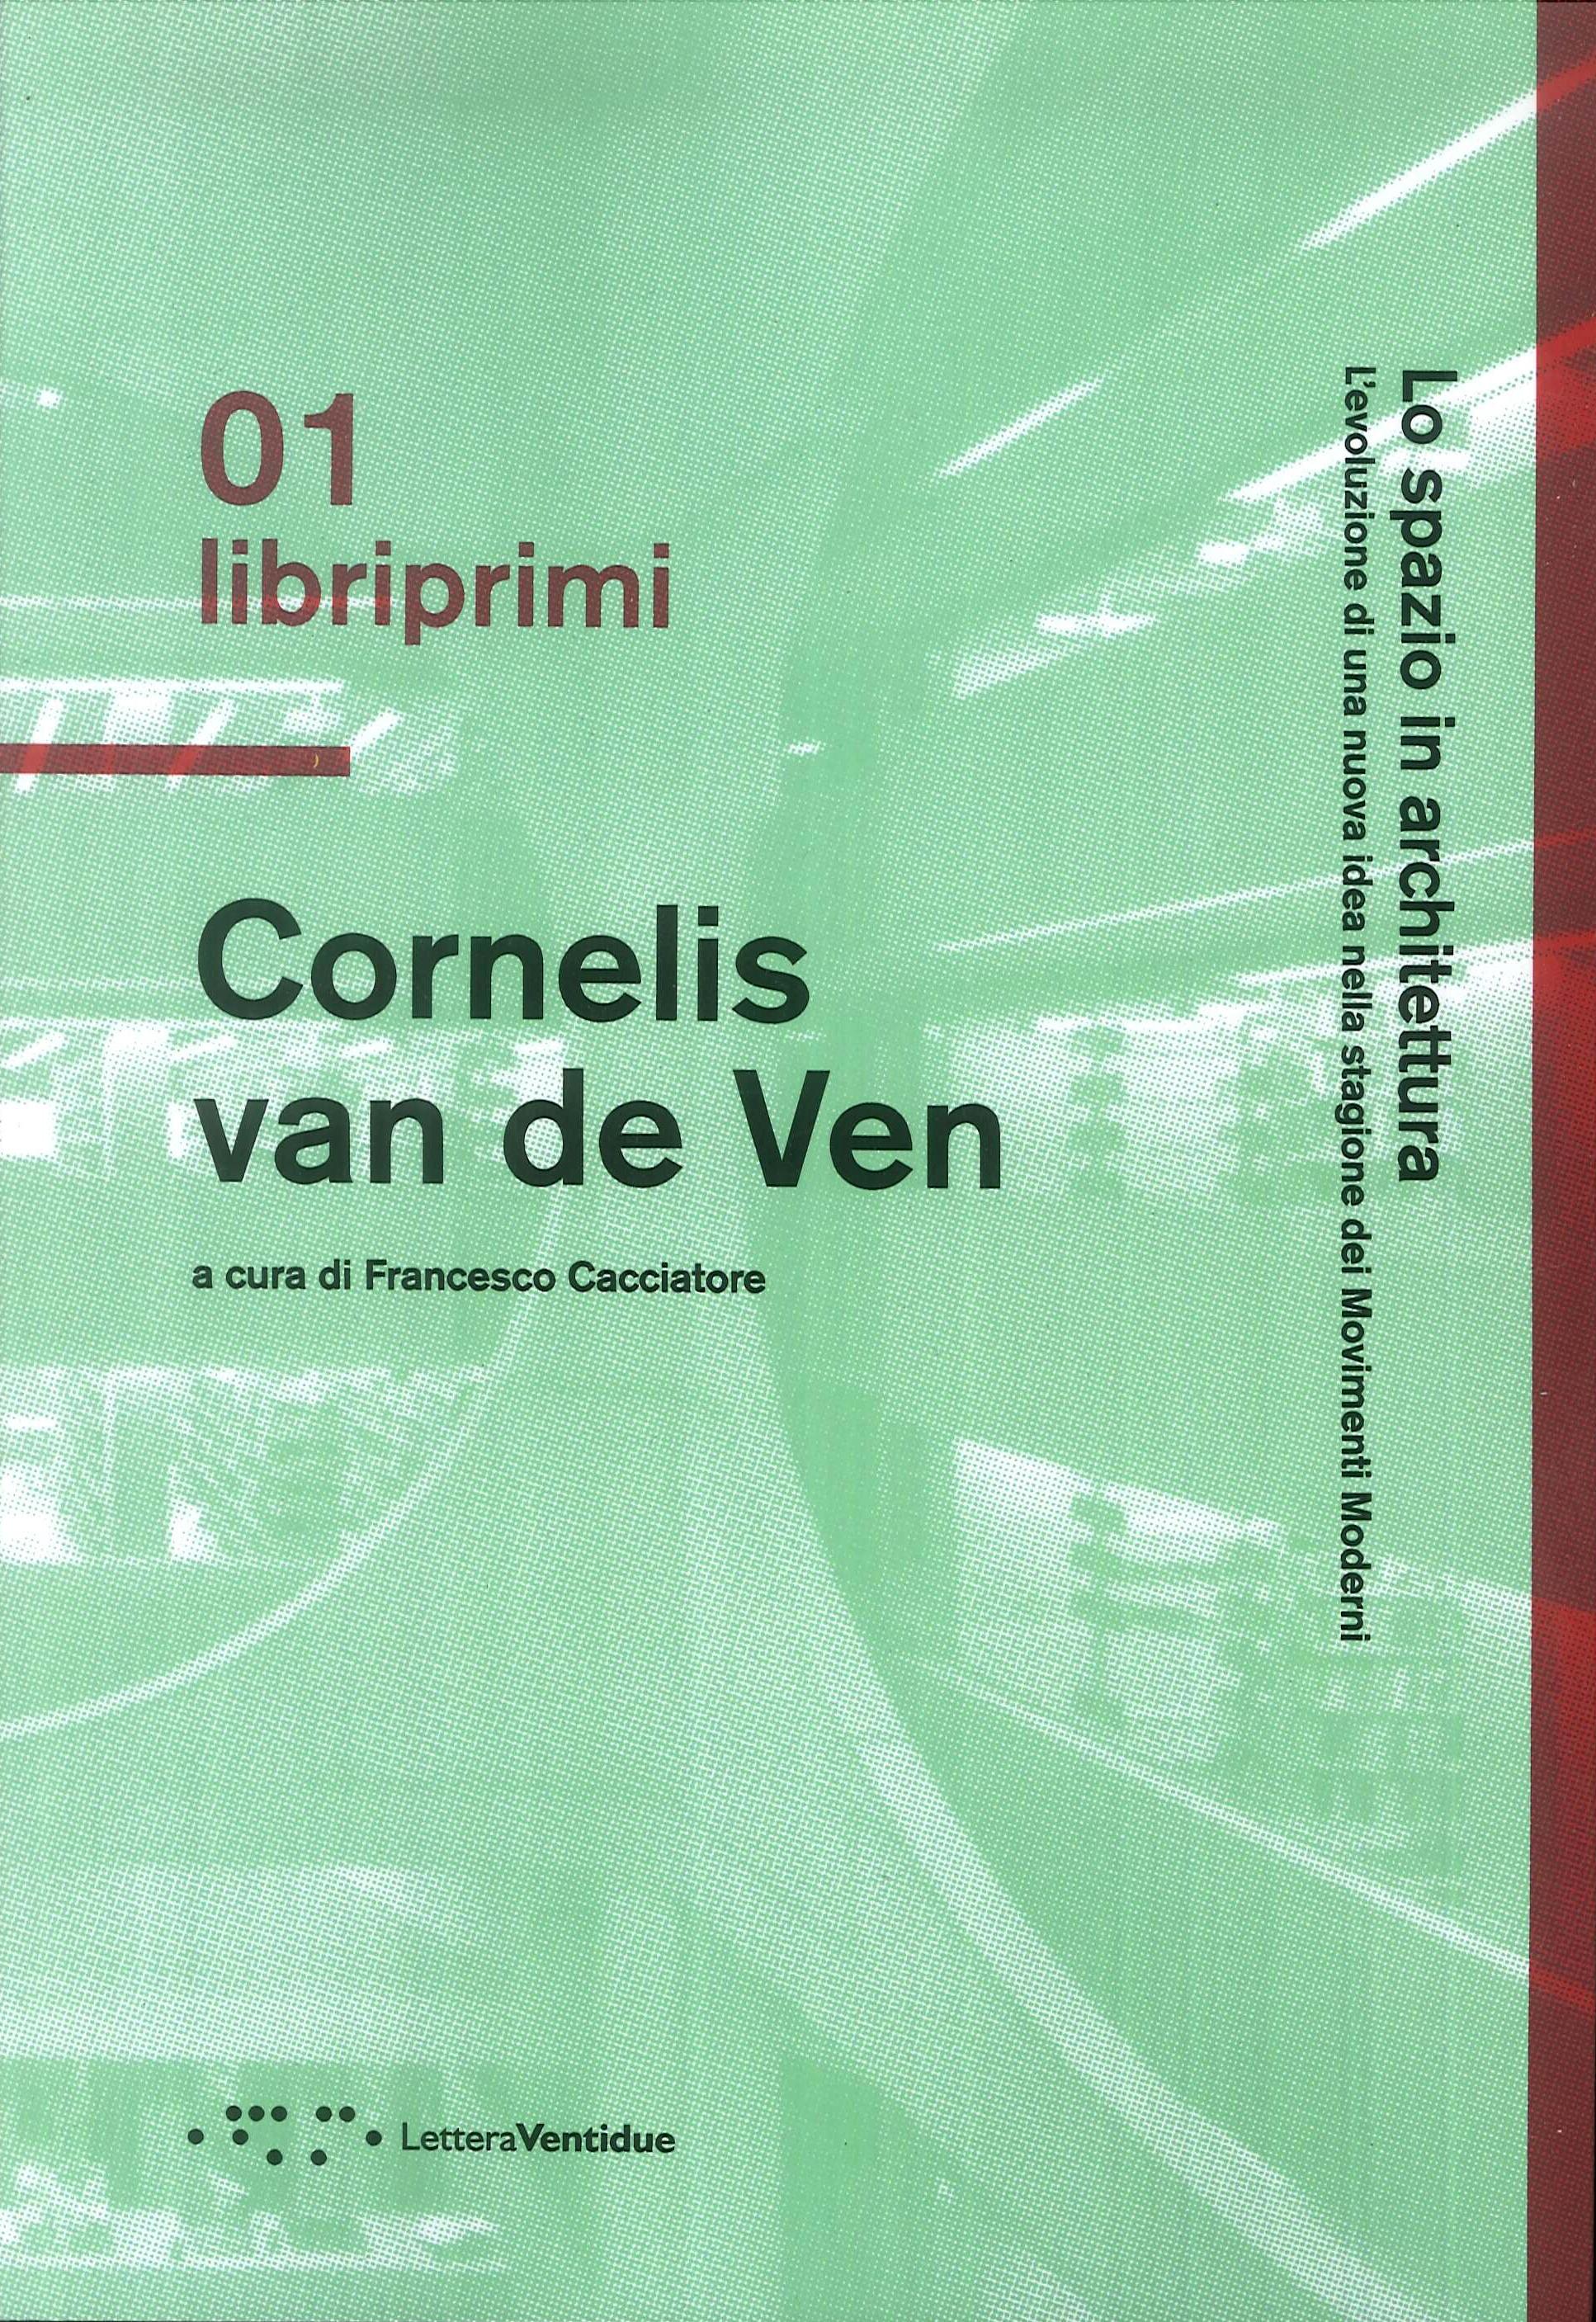 Cornelis van de Ven. Lo spazio in architettura. L'evoluzione di una nuova idea nella stagione dei Movimenti Moderni